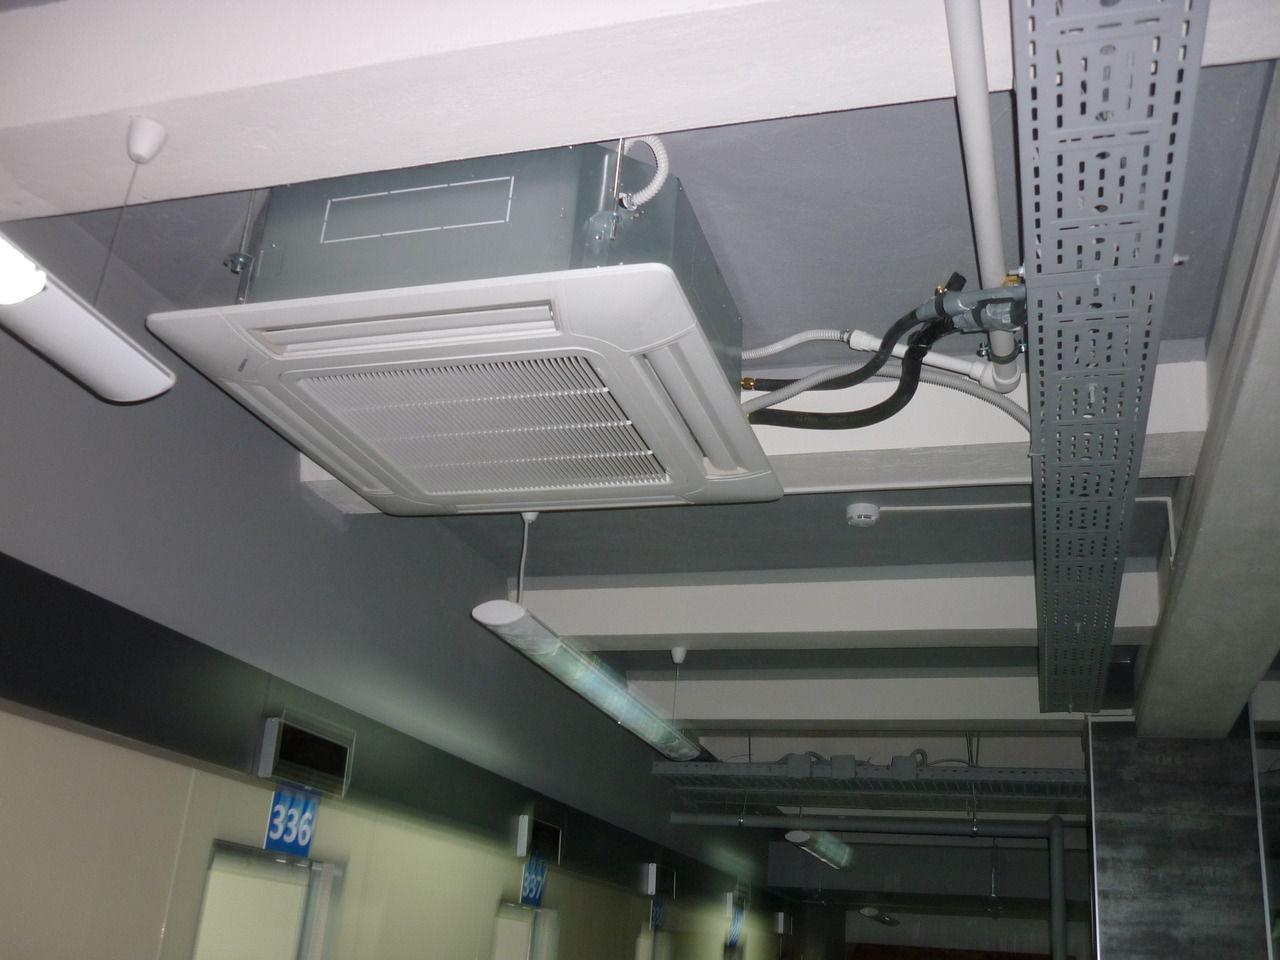 В потолочном блоке кассетного кондиционера имеется встроенный вентилятор.